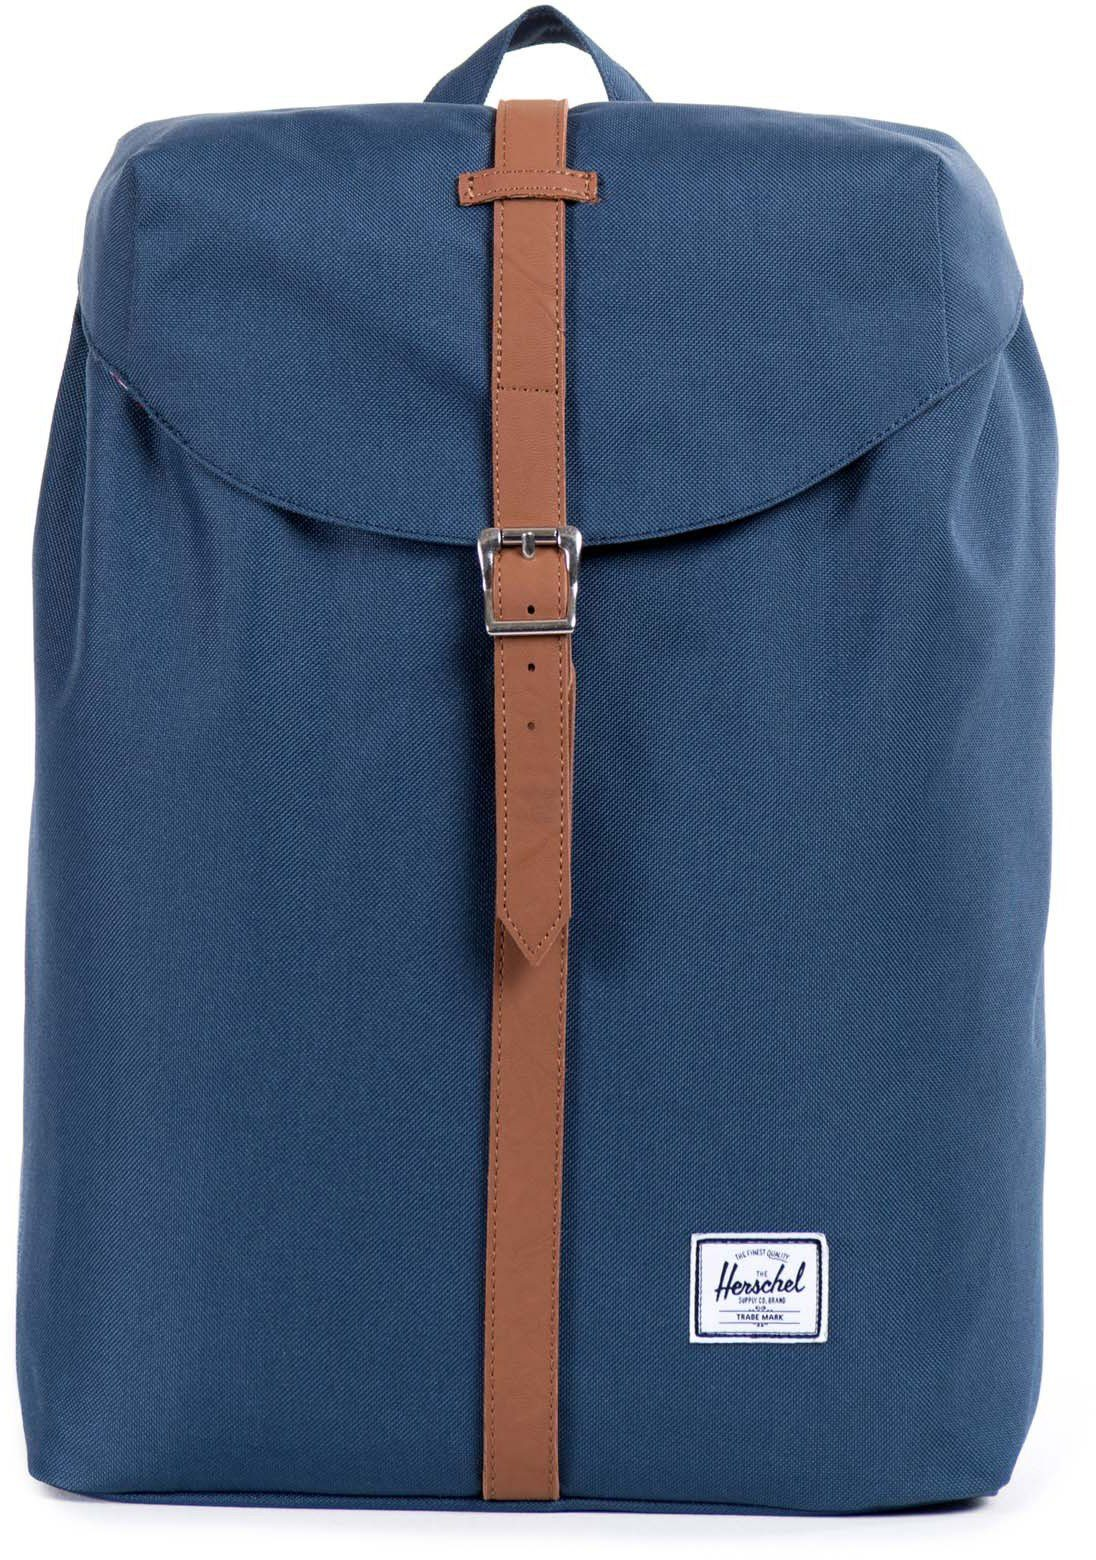 Herschel Rucksack mit Laptopfach, »Post Backpack, Navy Mid Volume«